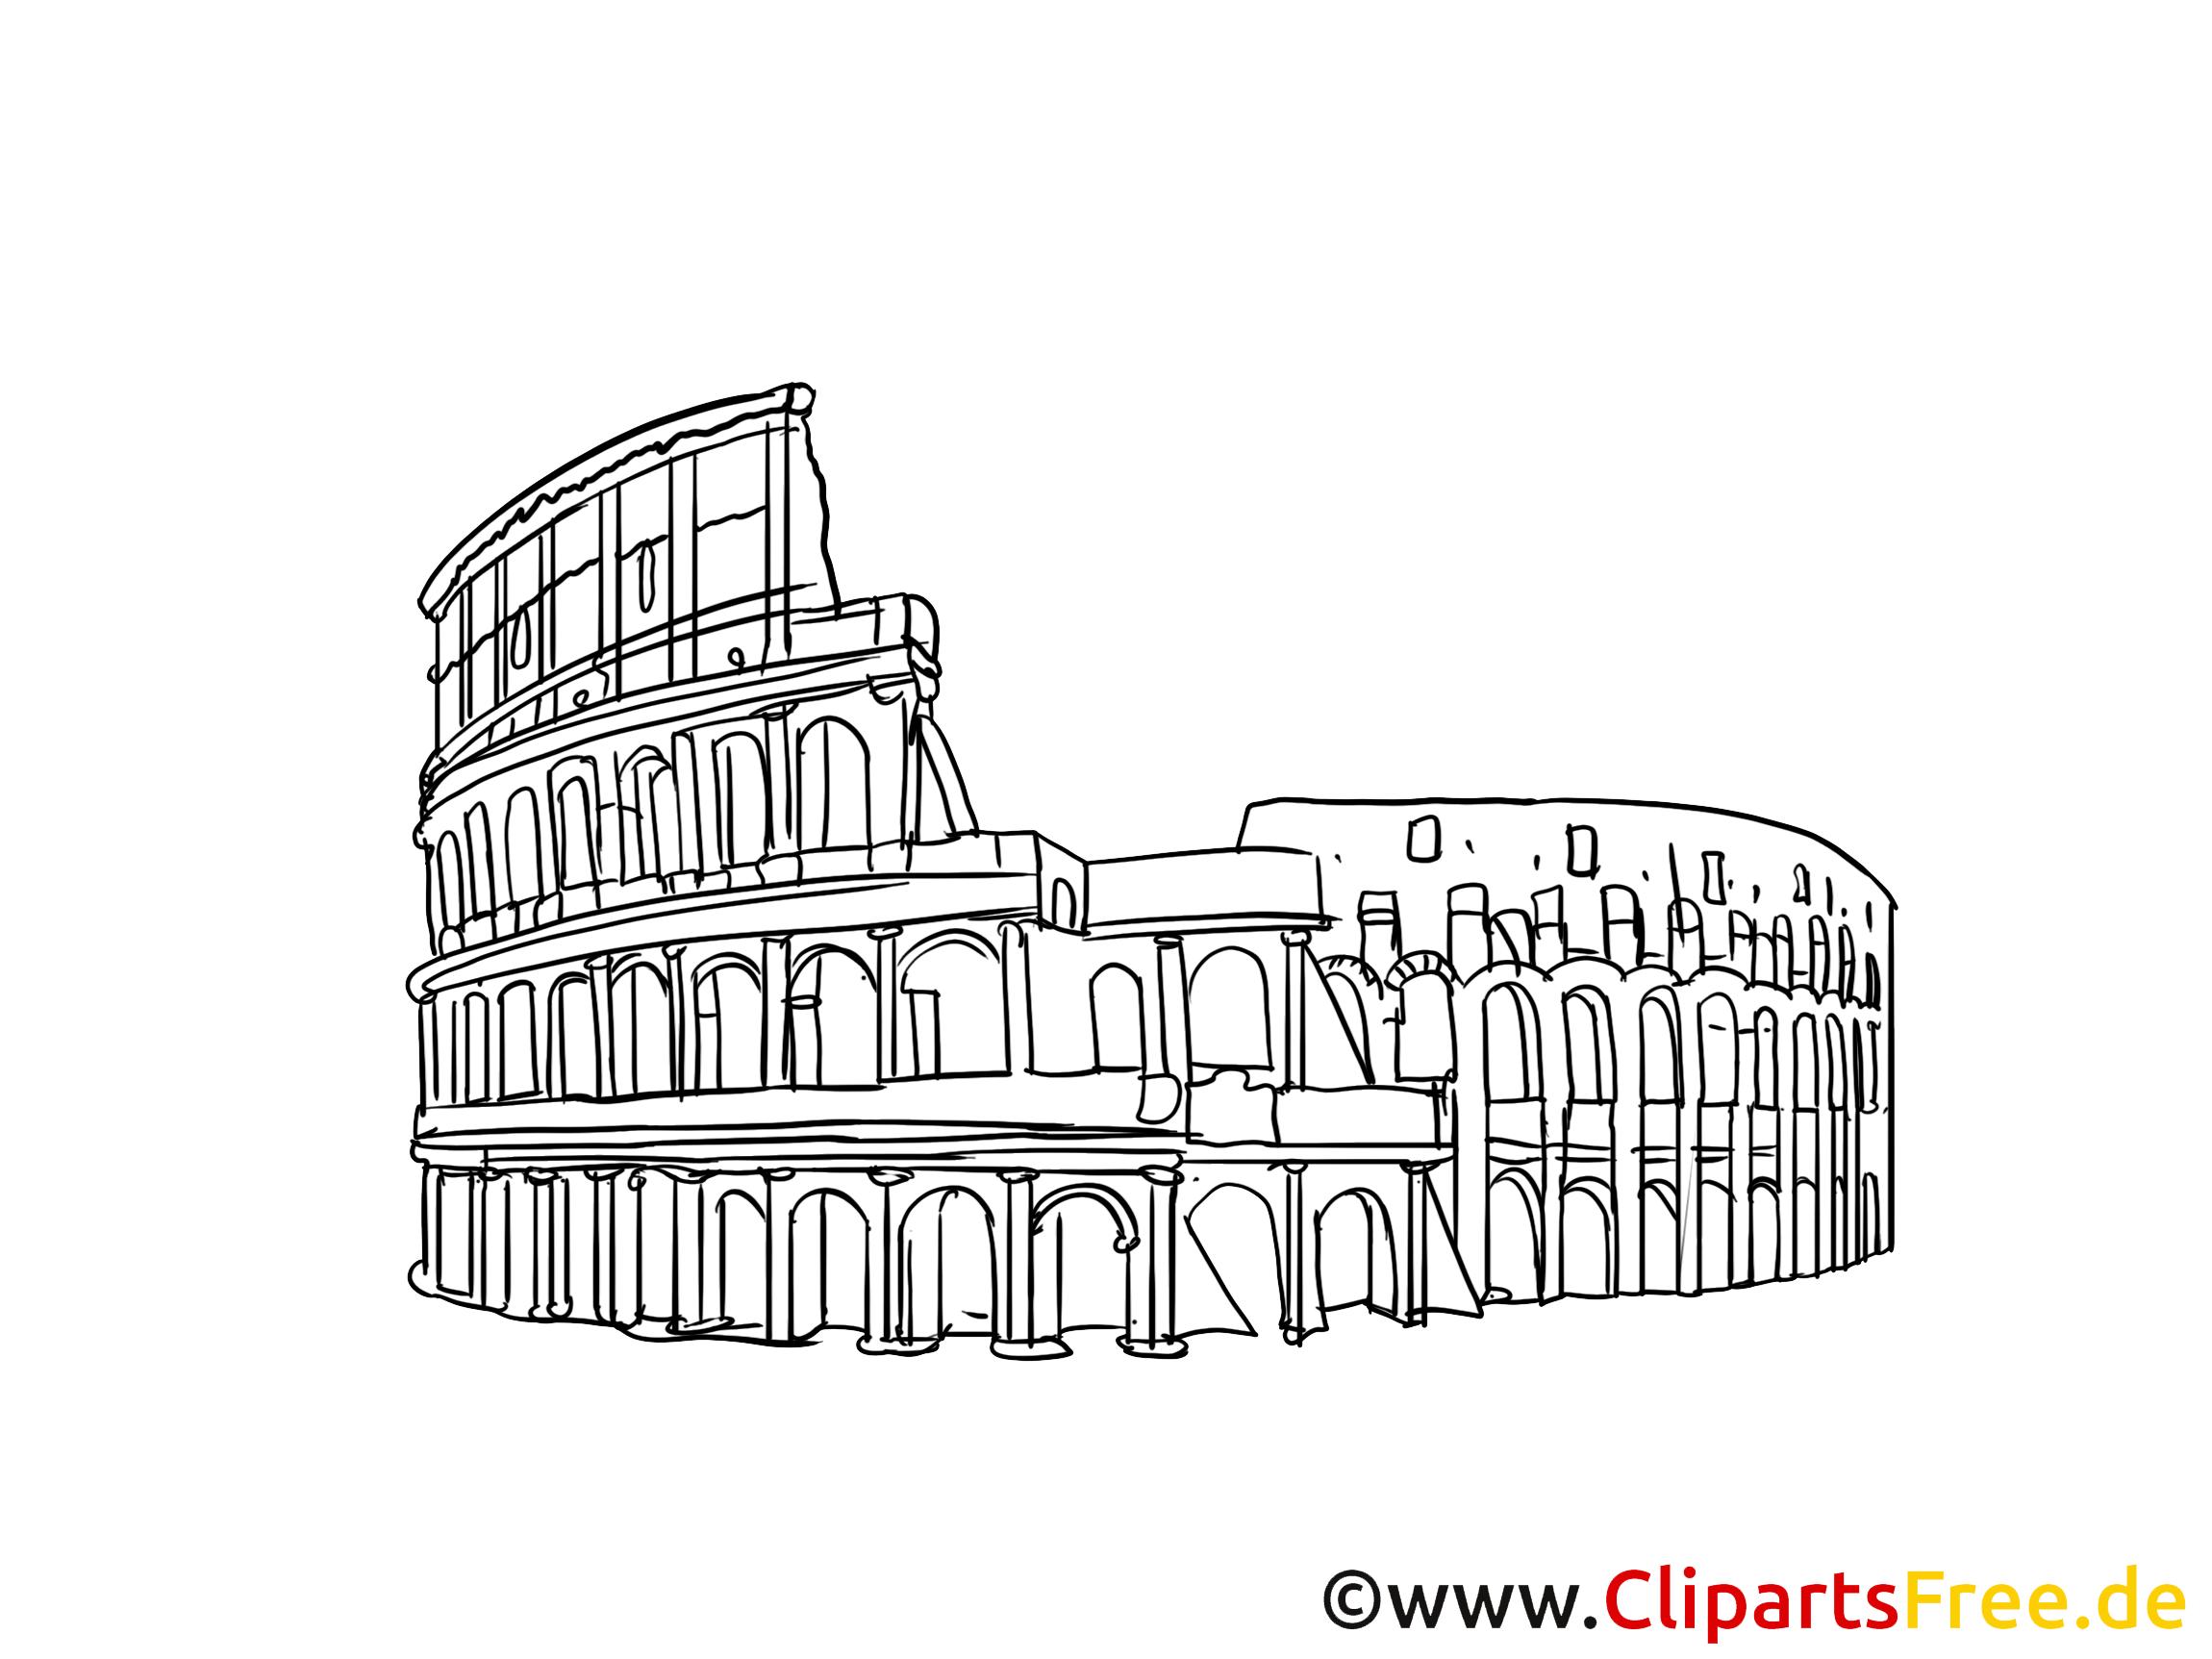 Clipart rome gratuit picture freeuse Rome clipart gratuit - Colisée cartes gratuites - Voyage dessin ... picture freeuse